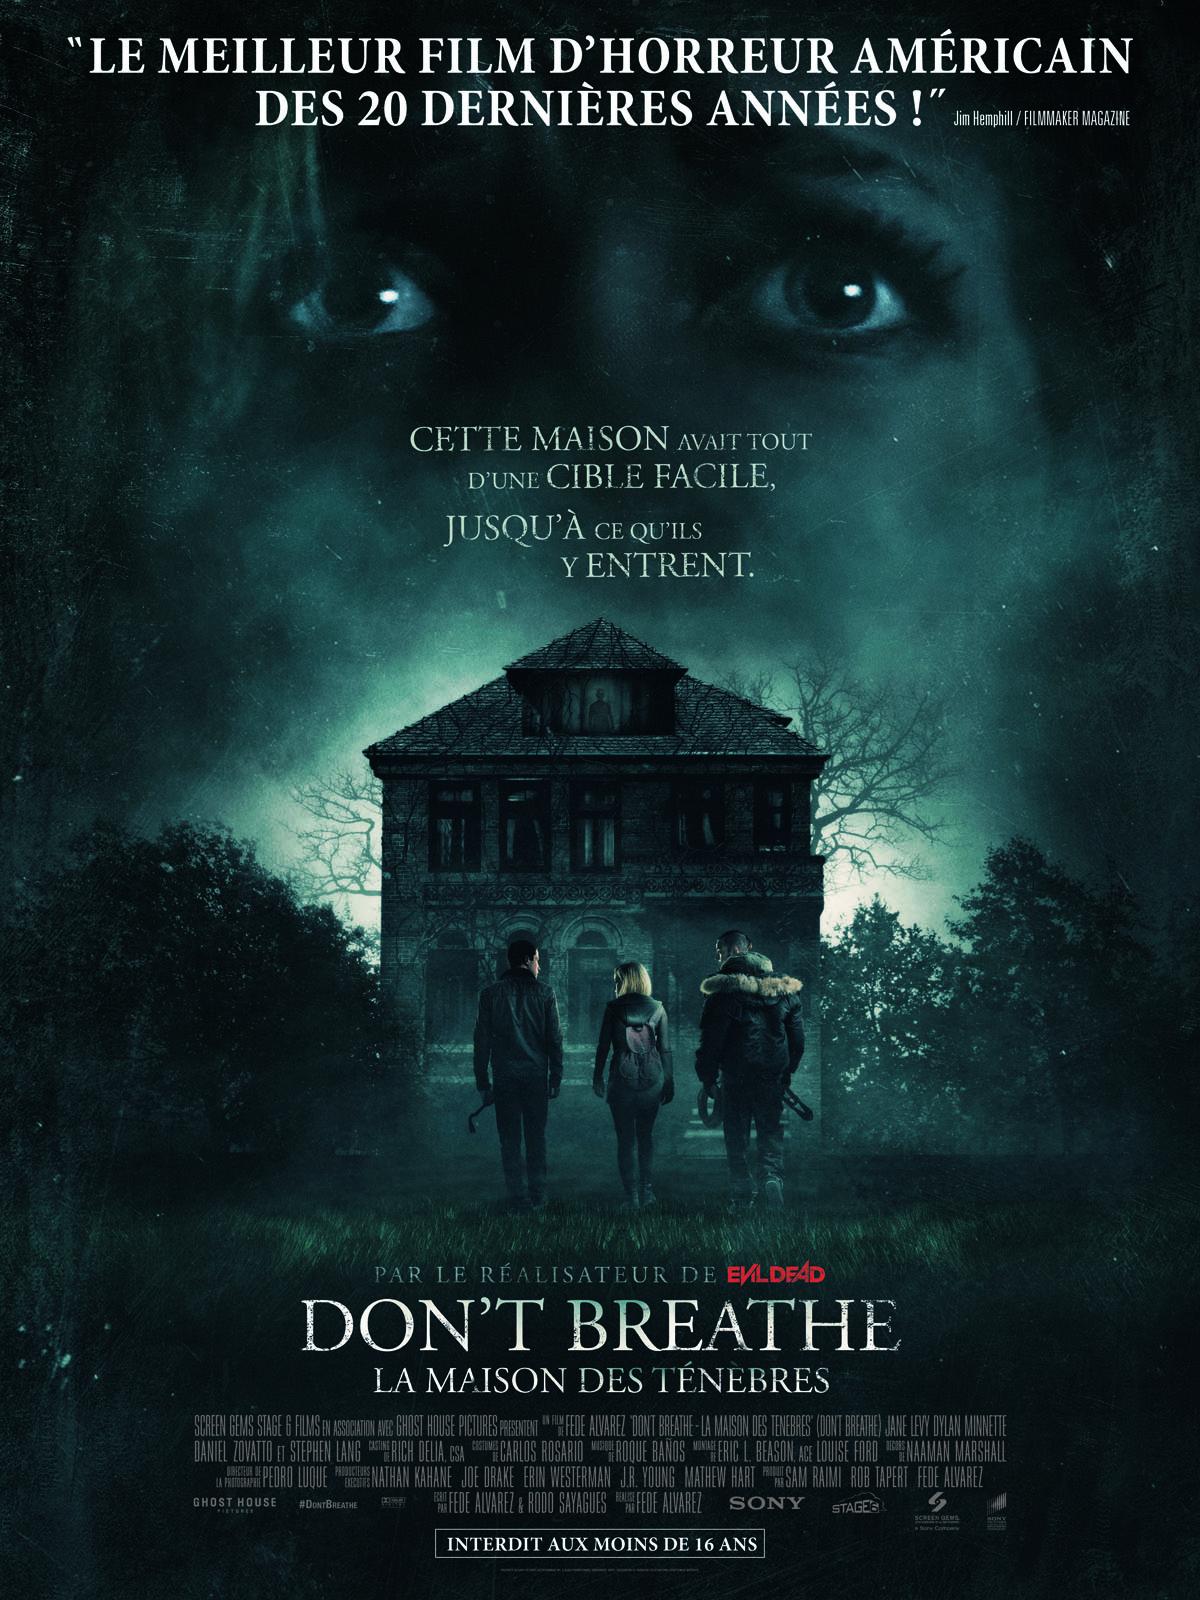 Don't Breathe - La maison des ténèbres VOSTFR WEBRiP